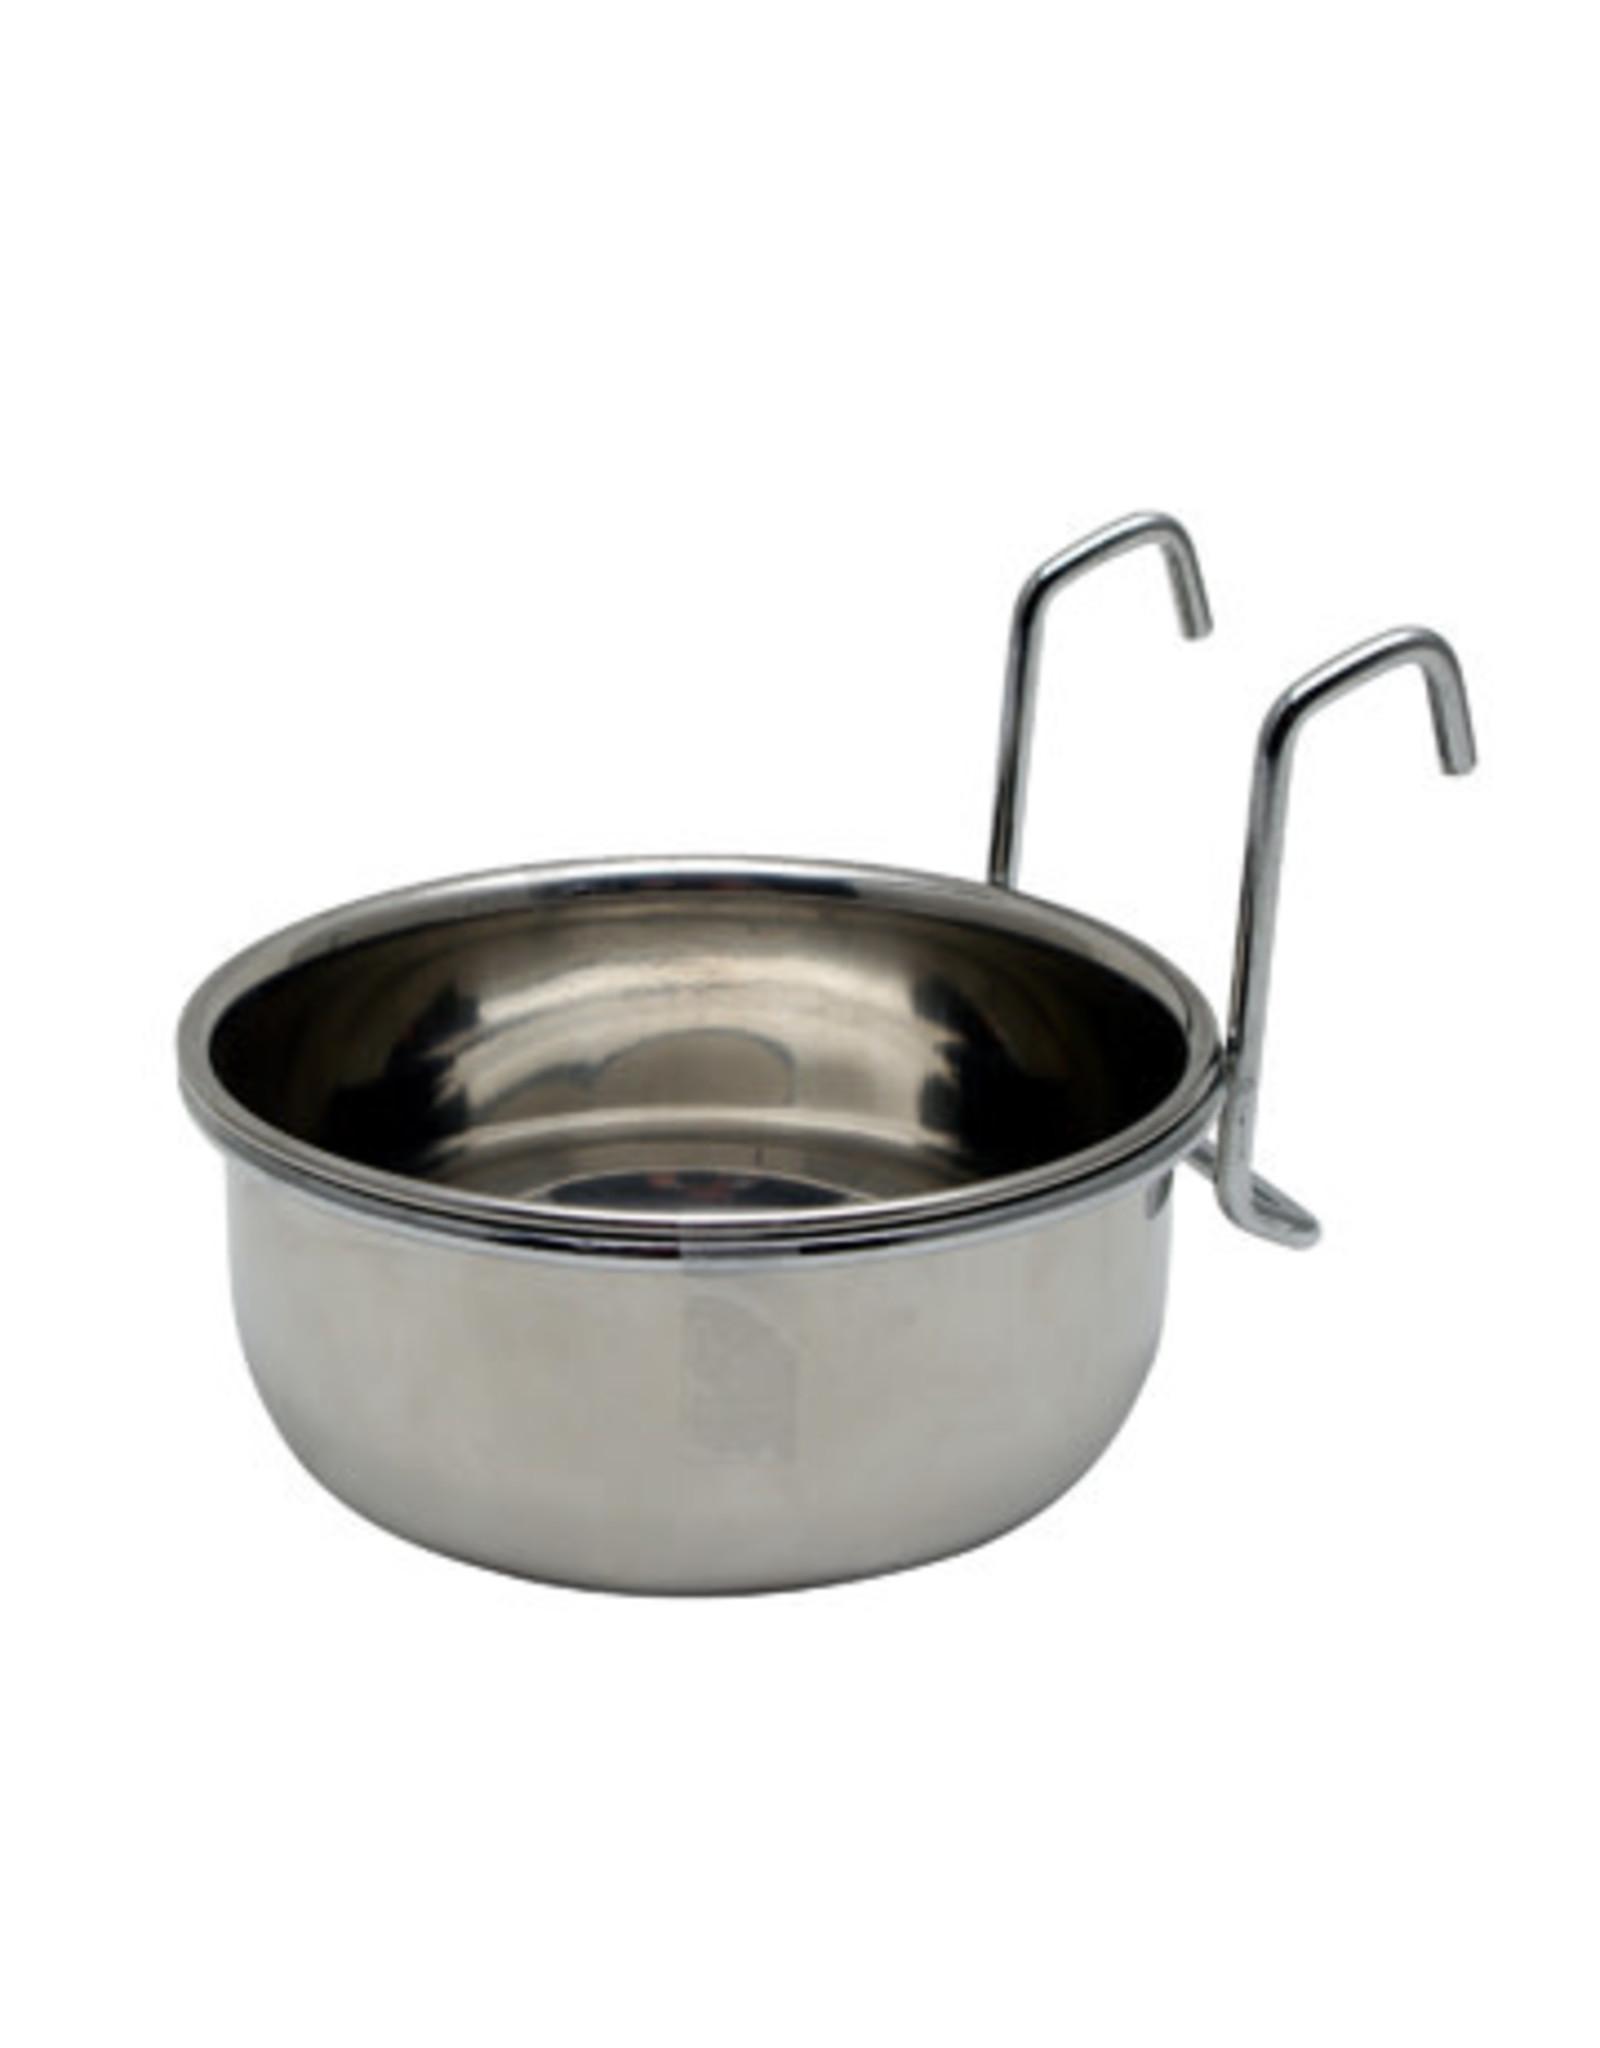 Living World Living World Stainless Steel Dish - 567 g (20 oz)